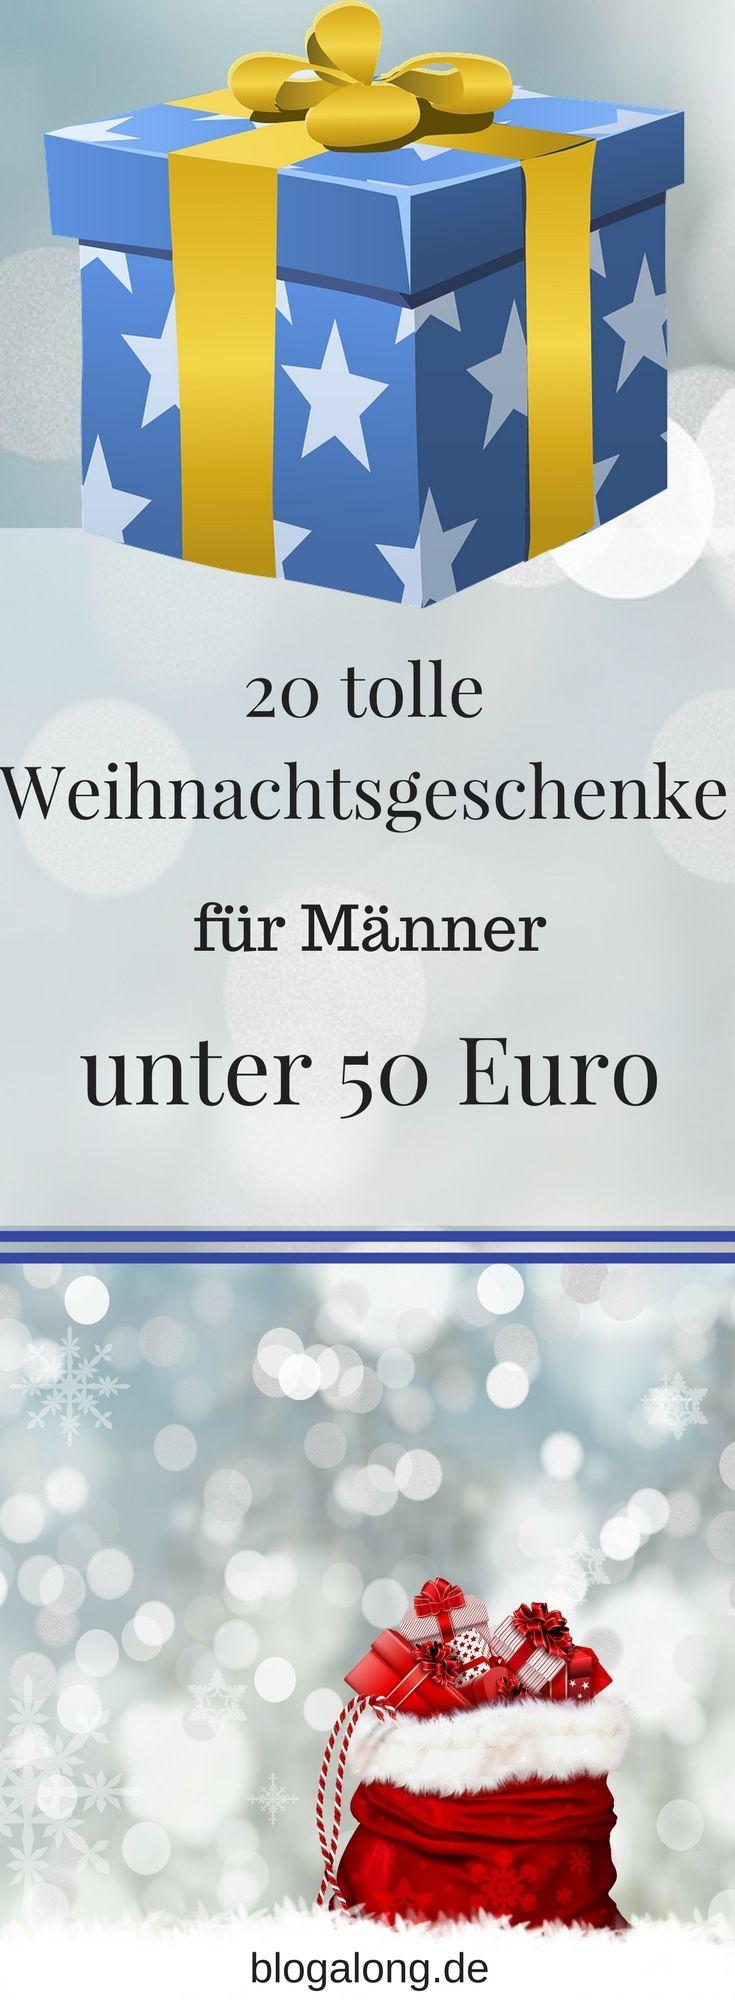 20 tolle Weihnachtsgeschenke für Männer unter 50 Euro | Putzen ...